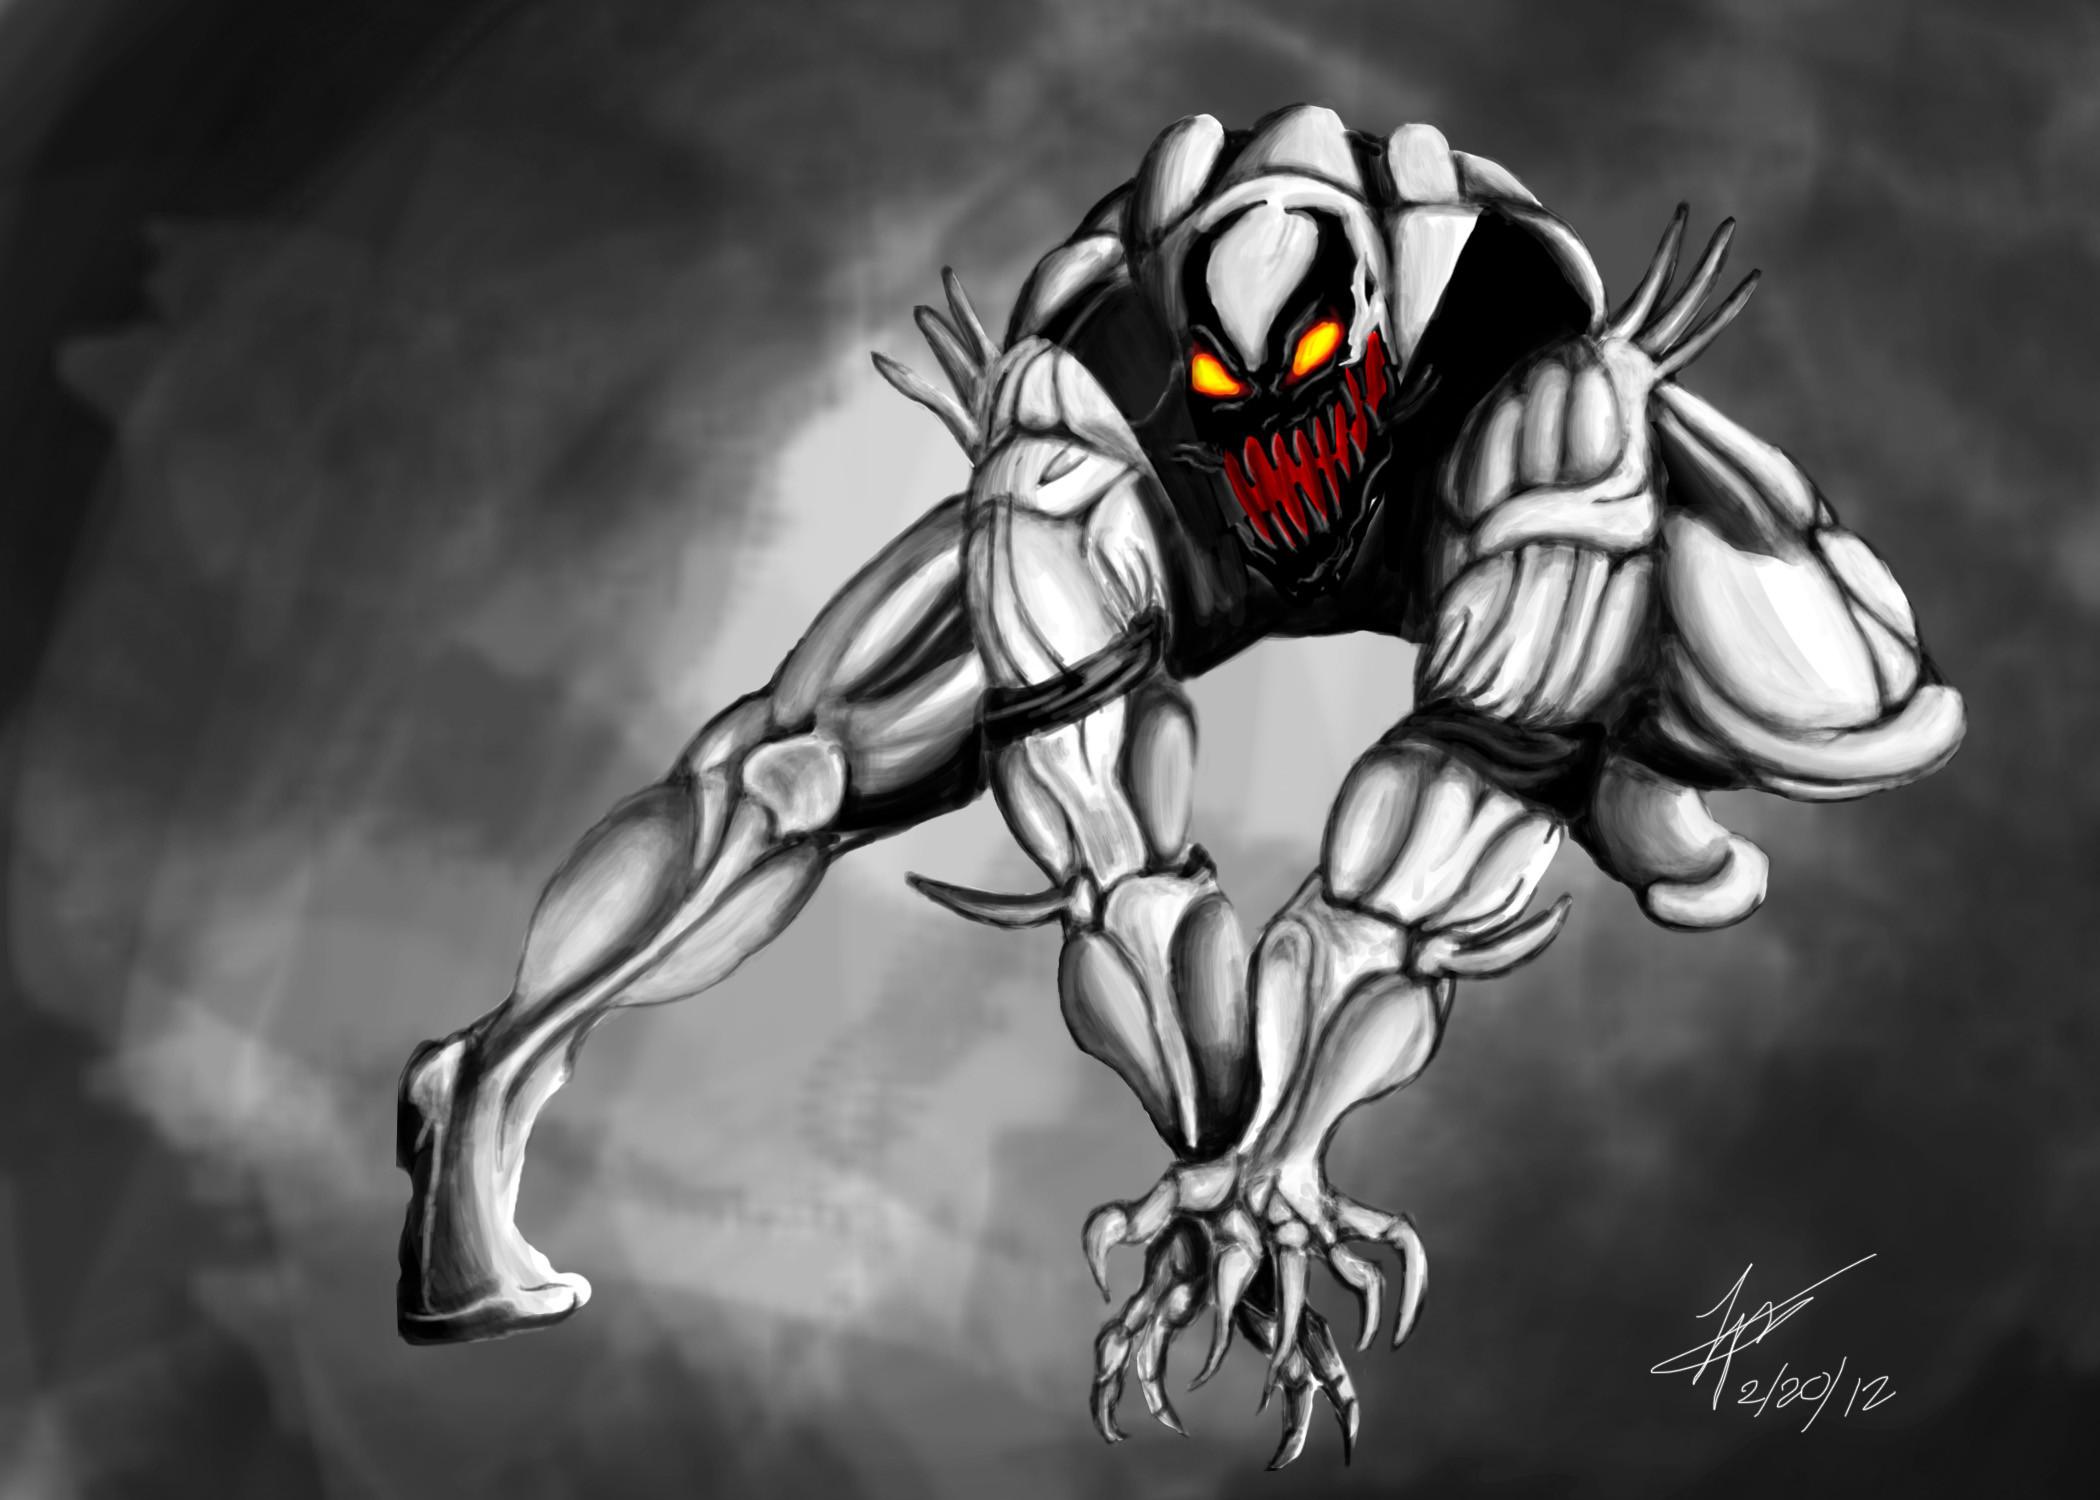 Anti Venom Wallpaper Hd Anti venom